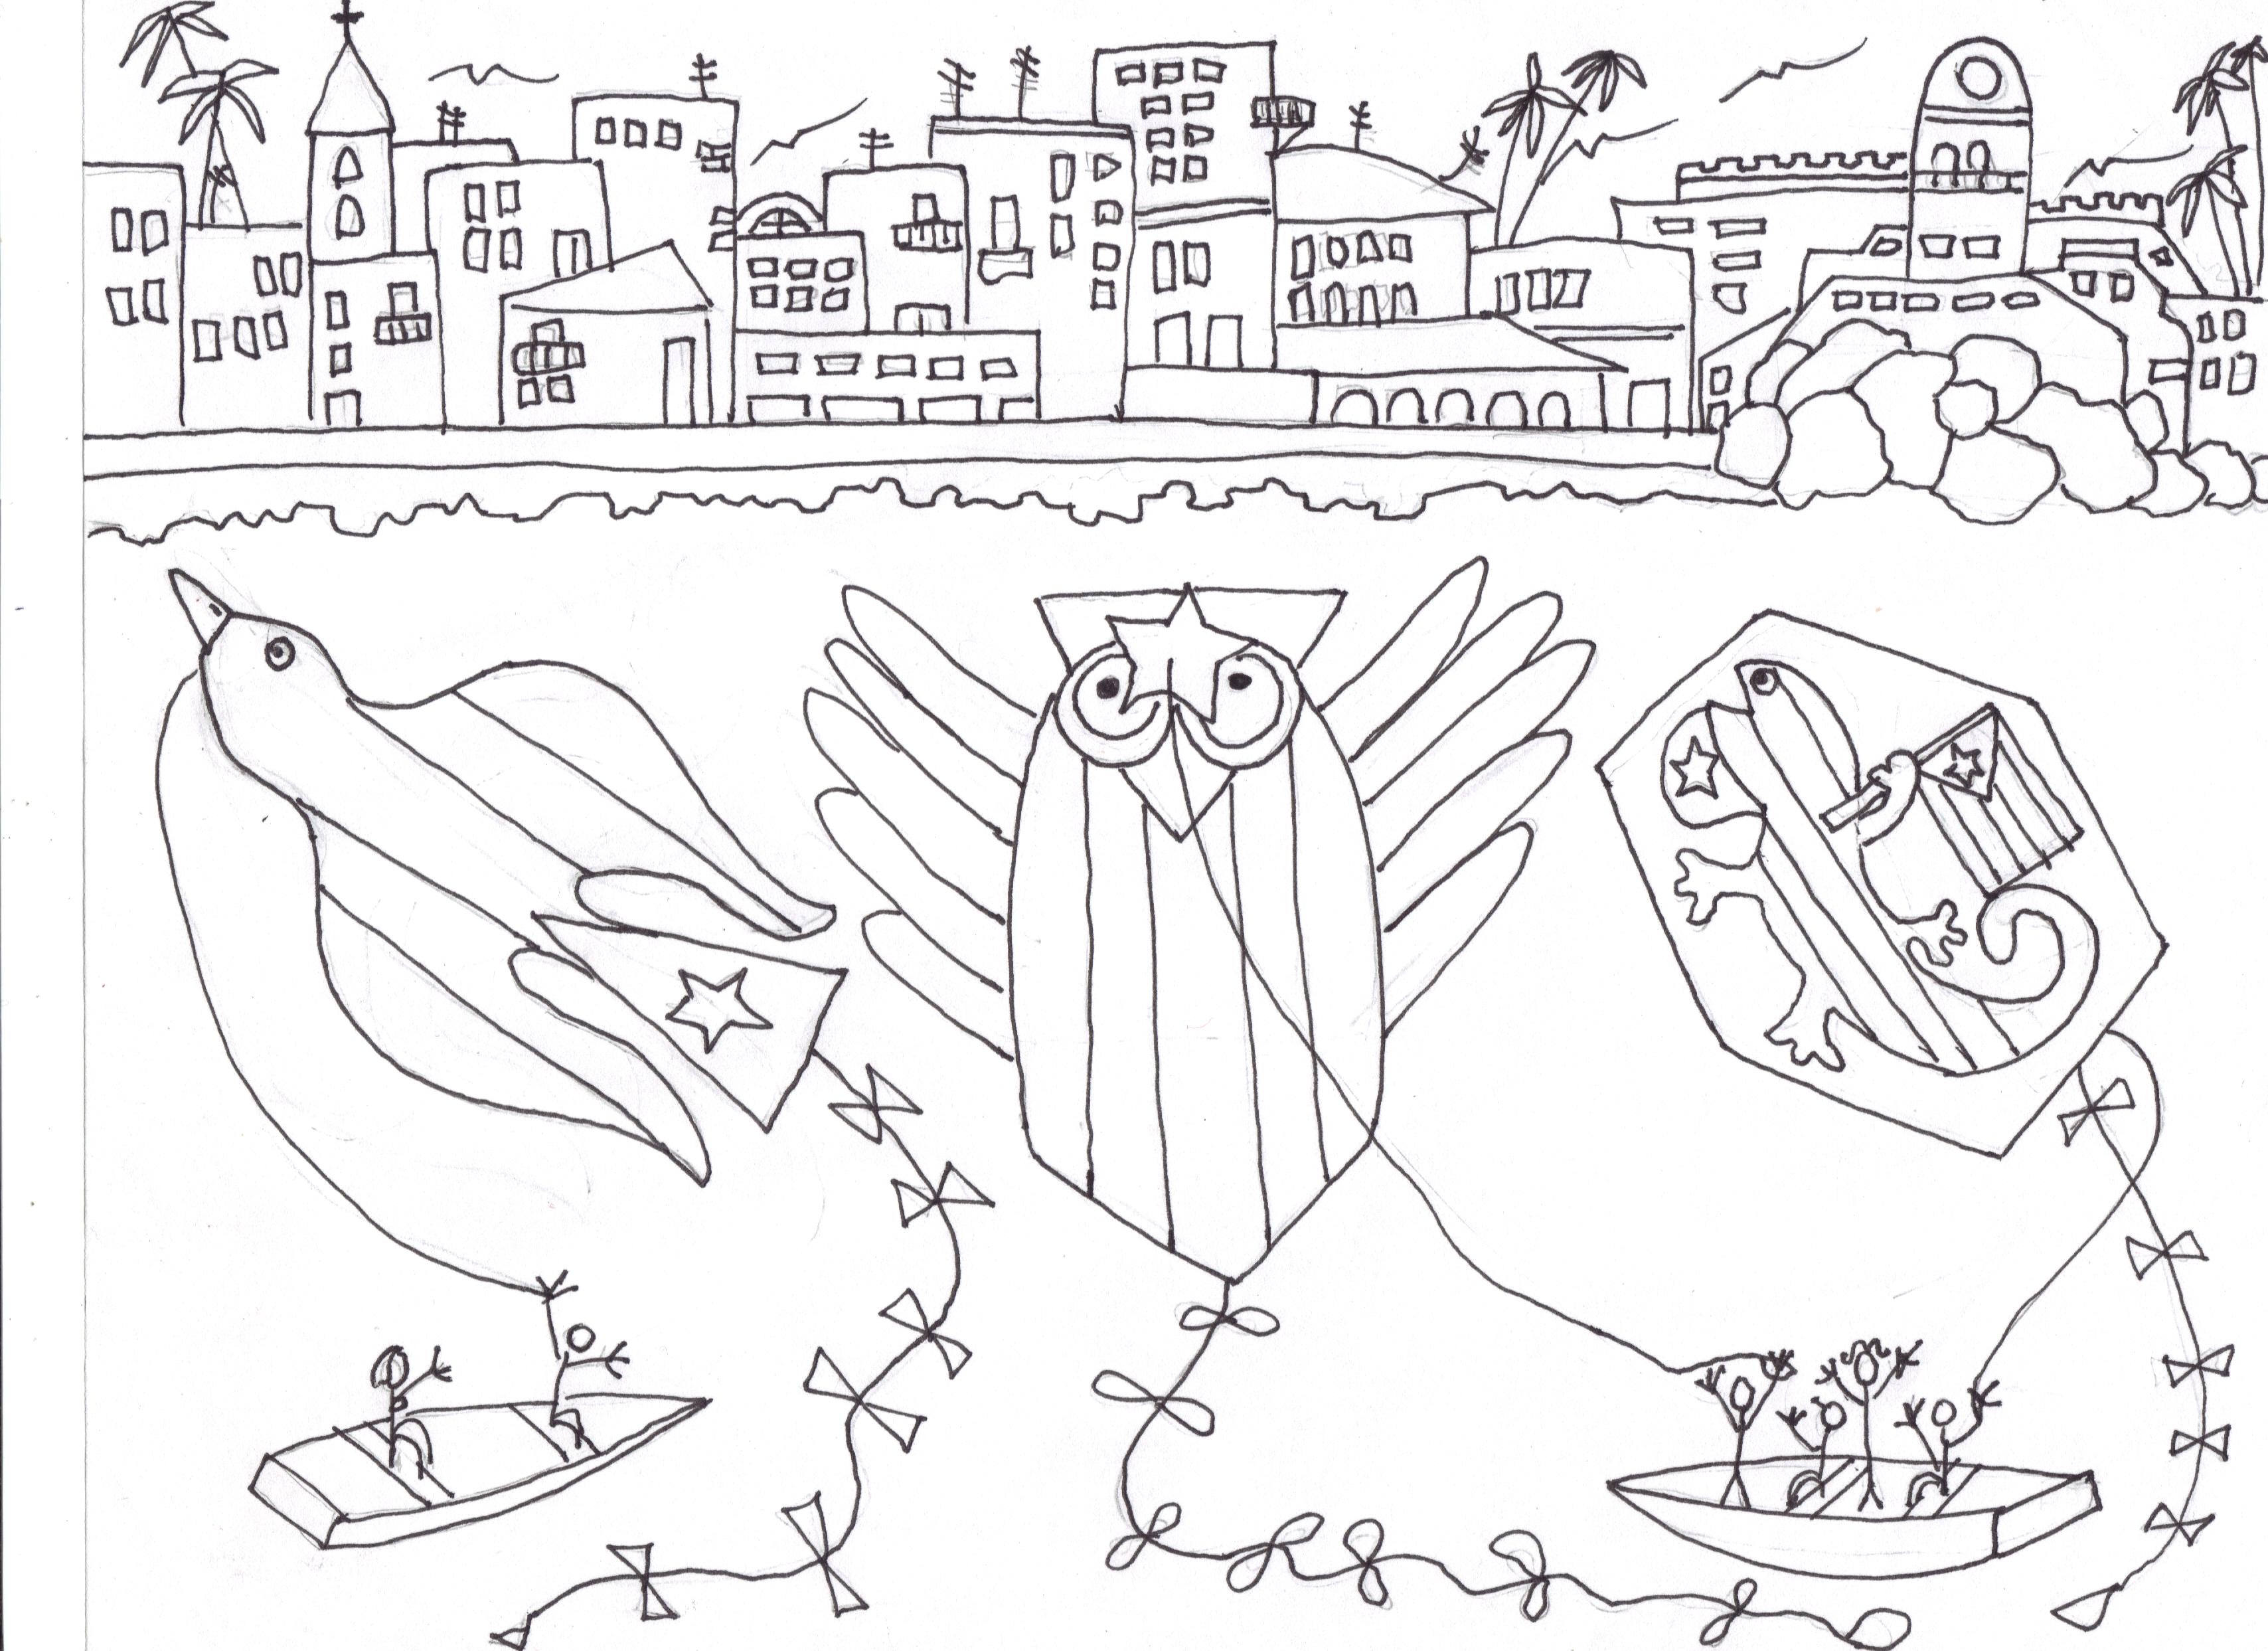 Mis Papalotes con banderas sin pintar, diseño de Josán Caballero, y realización de él con Piero Gemelli, el amigo e ilustrador italiano, que le ha prestado hasta sus colores, para que Josán culmine su labor, según la Libertad ordena, y Cuba manda.